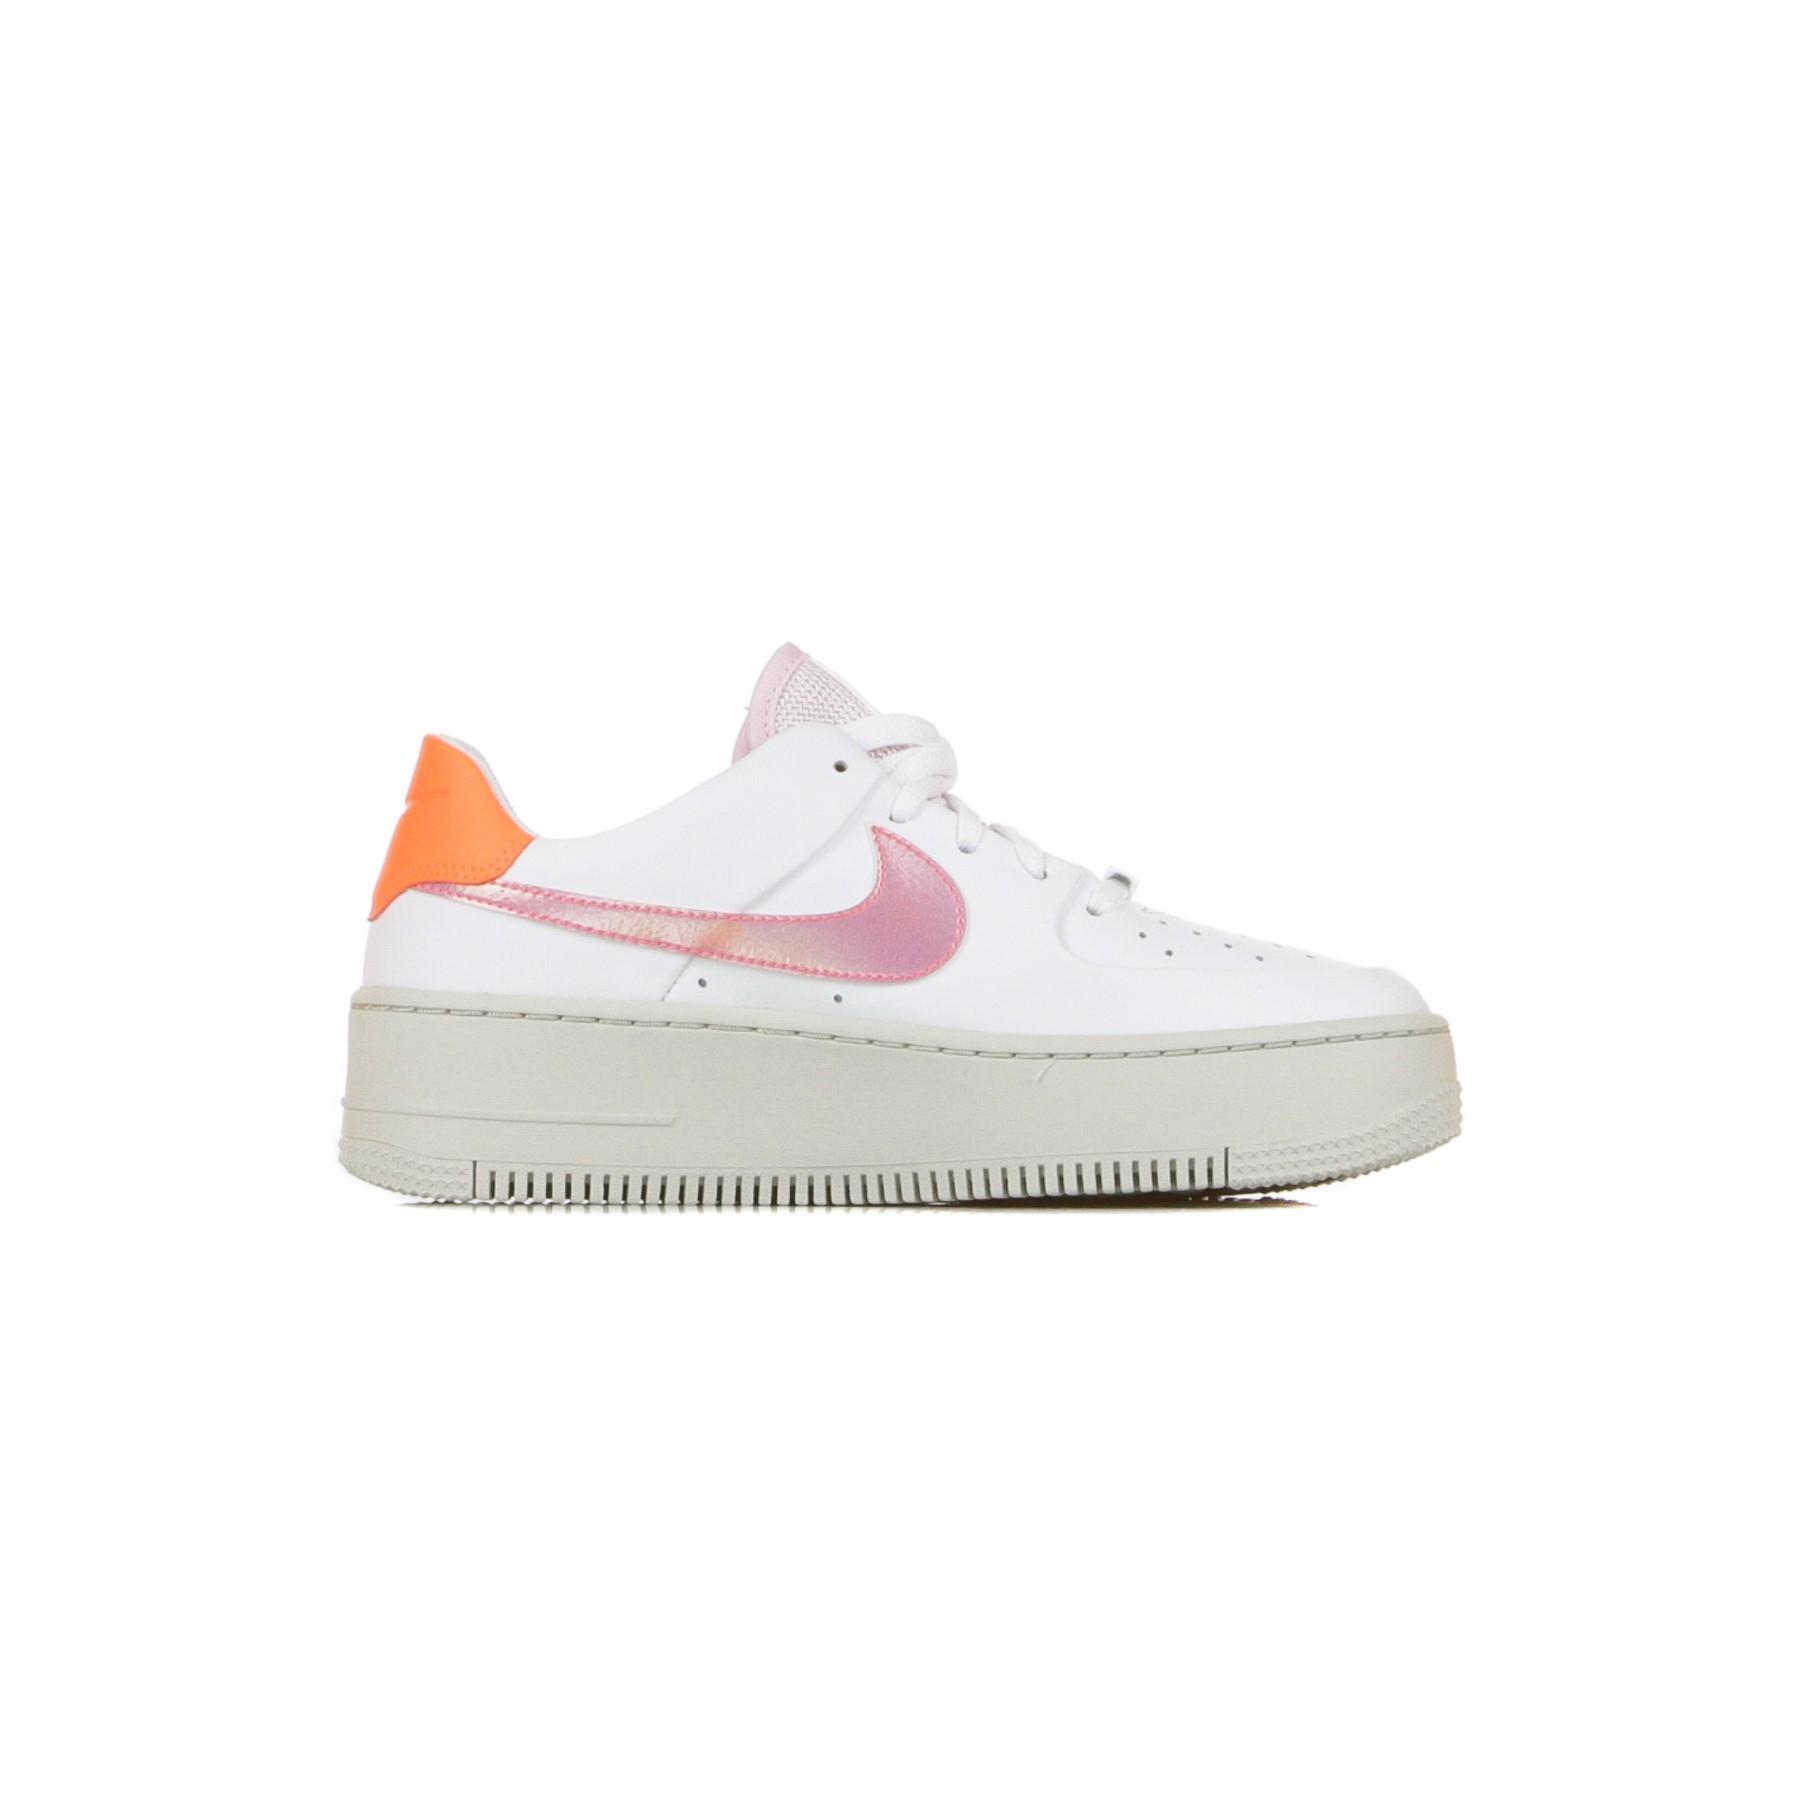 Nike Wmns Air Force 1 Sage Low Prm